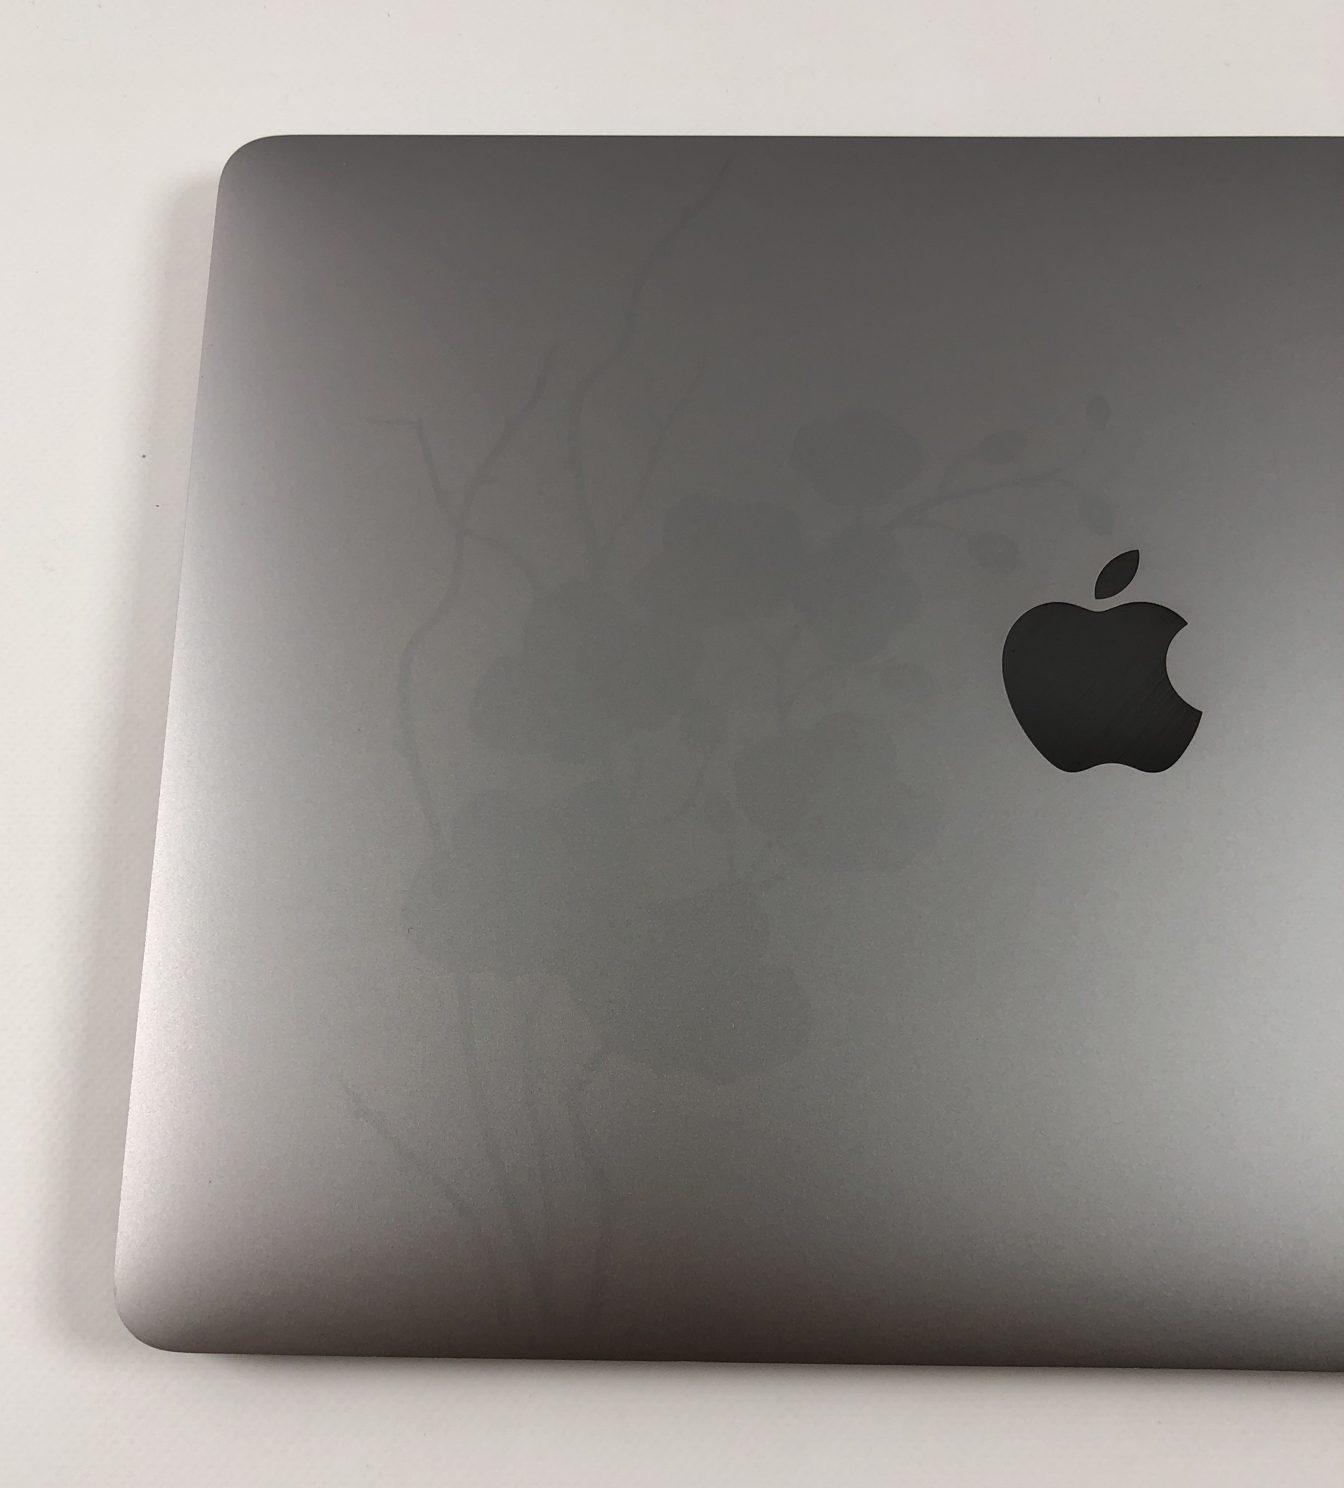 """MacBook Pro 13"""" 4TBT Mid 2017 (Intel Core i5 3.1 GHz 8 GB RAM 256 GB SSD), Space Gray, Intel Core i5 3.1 GHz, 8 GB RAM, 256 GB SSD, imagen 3"""